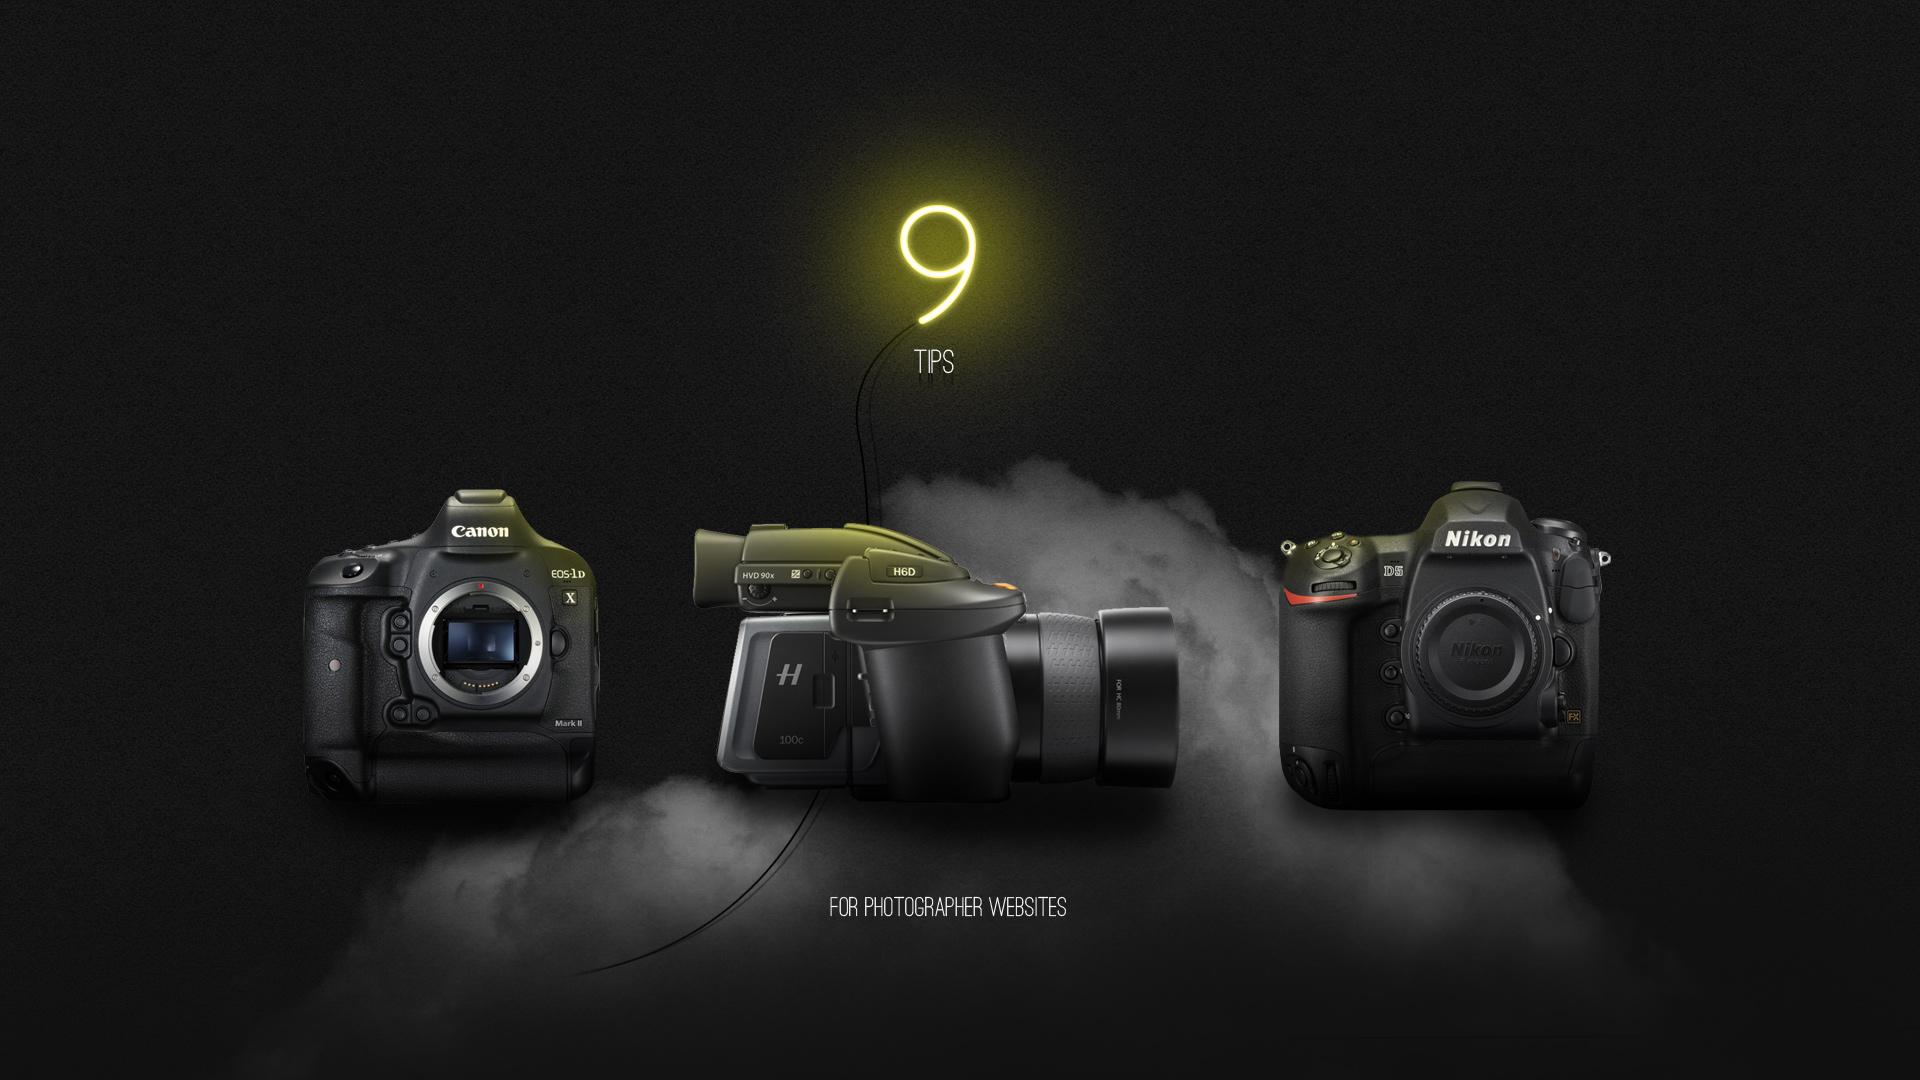 Ιστοσελίδα για φωτογράφους